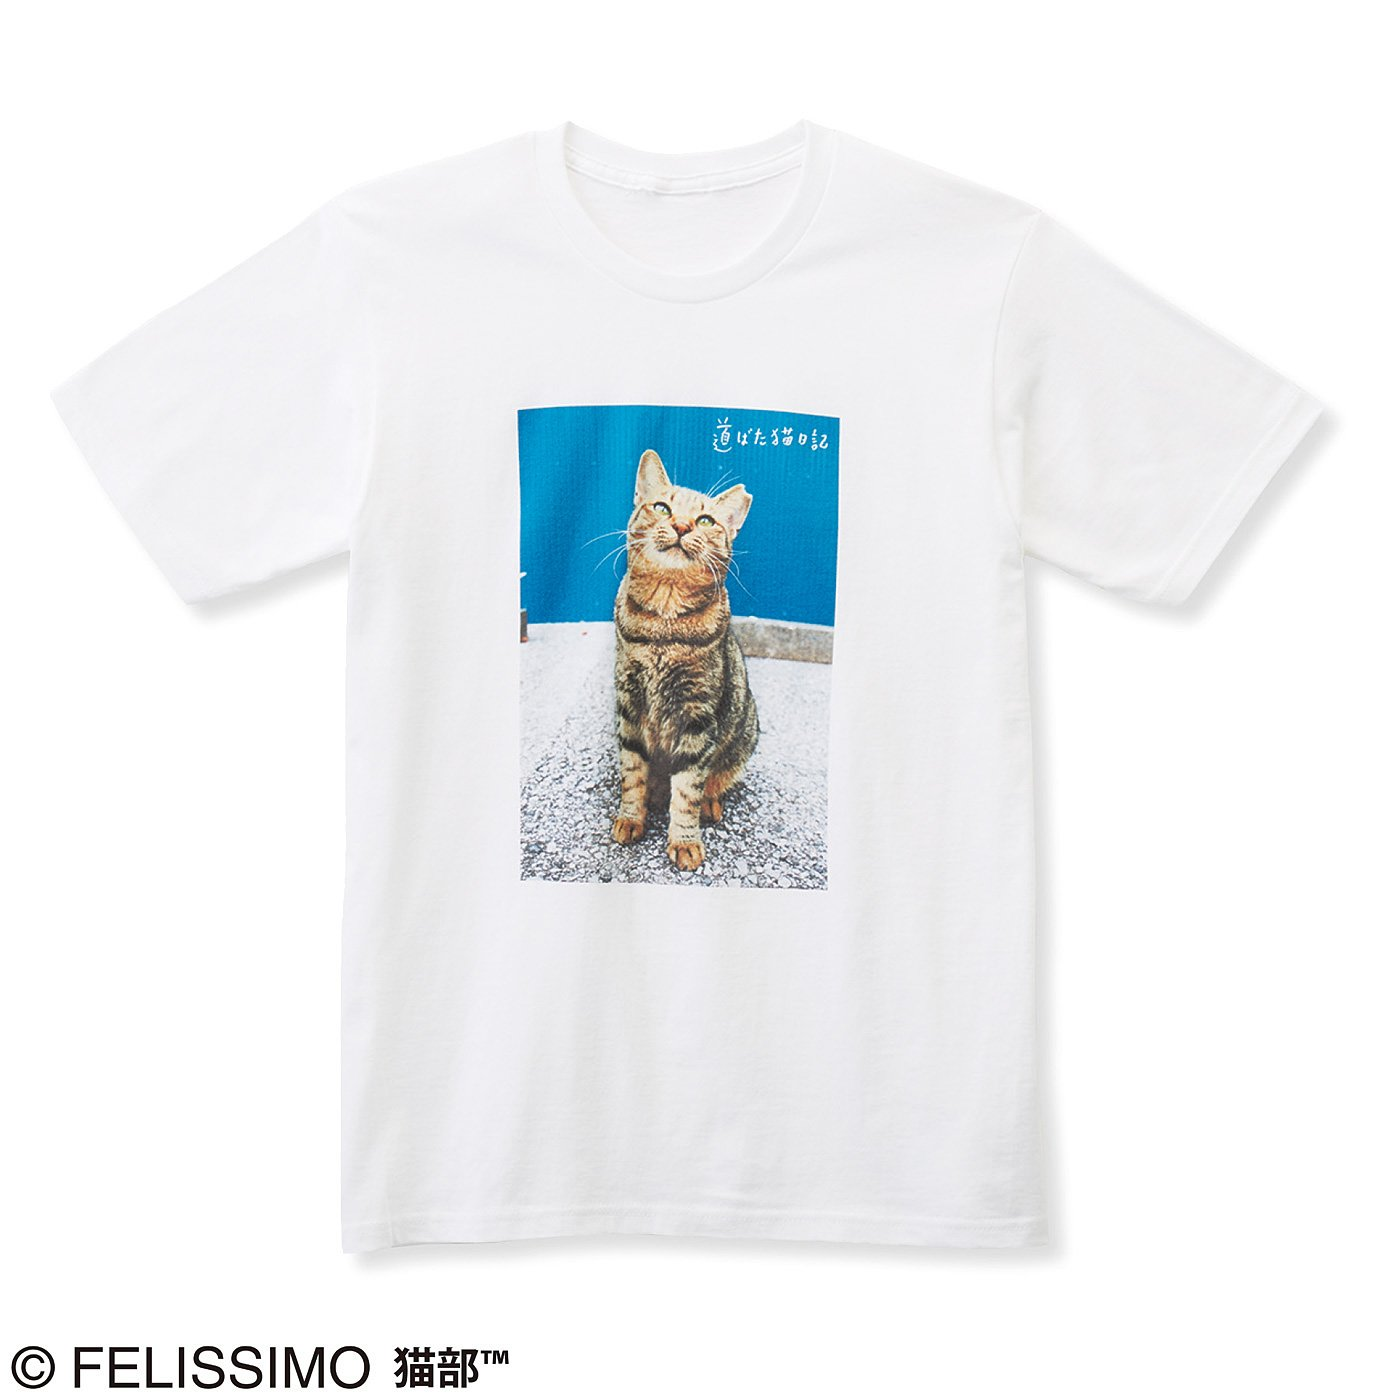 猫部×佐竹茉莉子 地域猫チャリティーTシャツ2019